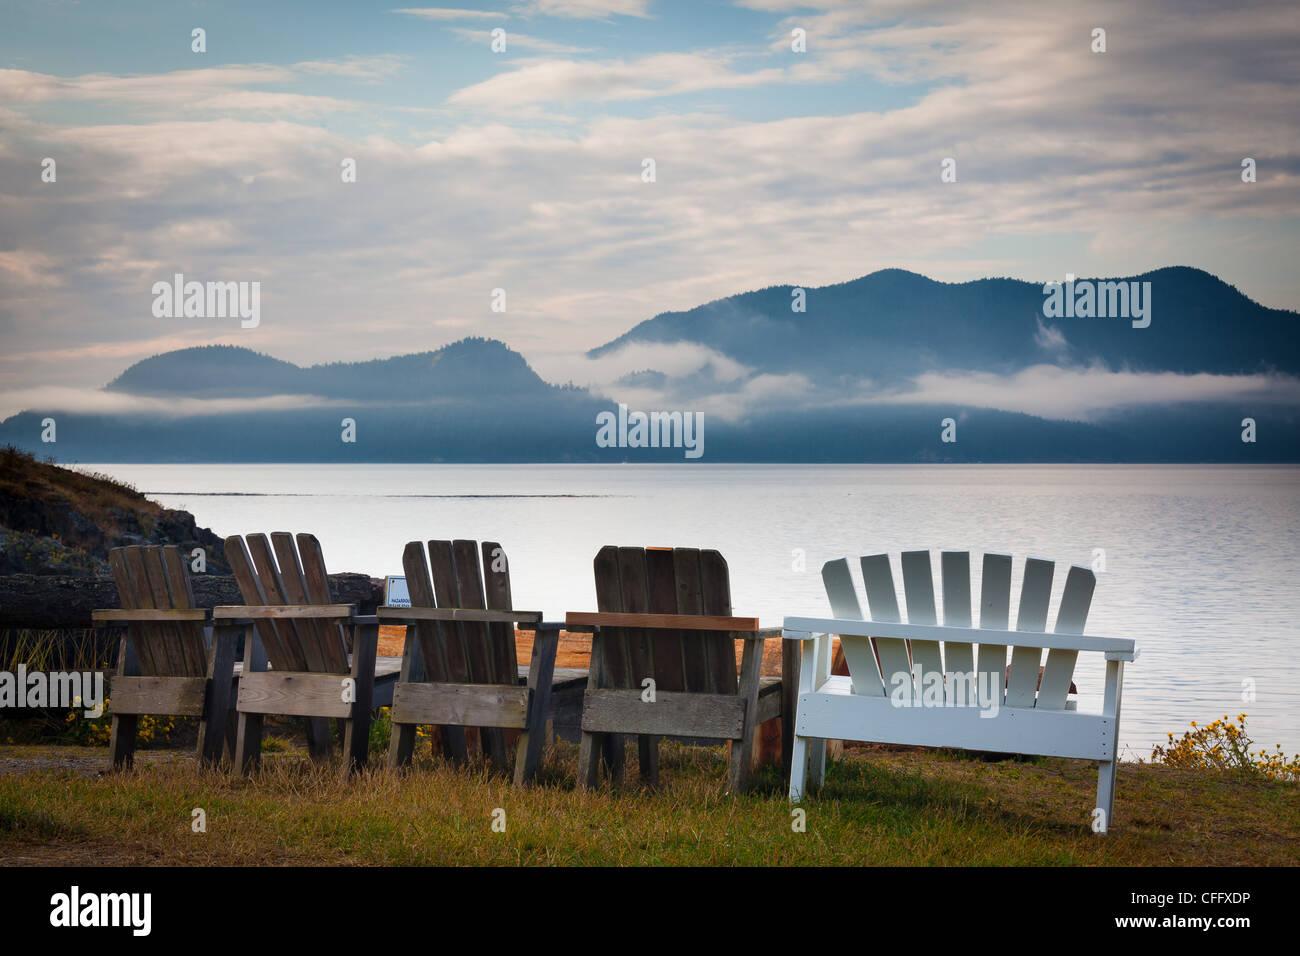 Doe Bay sur l'île Orcas, la plus grande des îles San Juan dans l'état de Washington Photo Stock